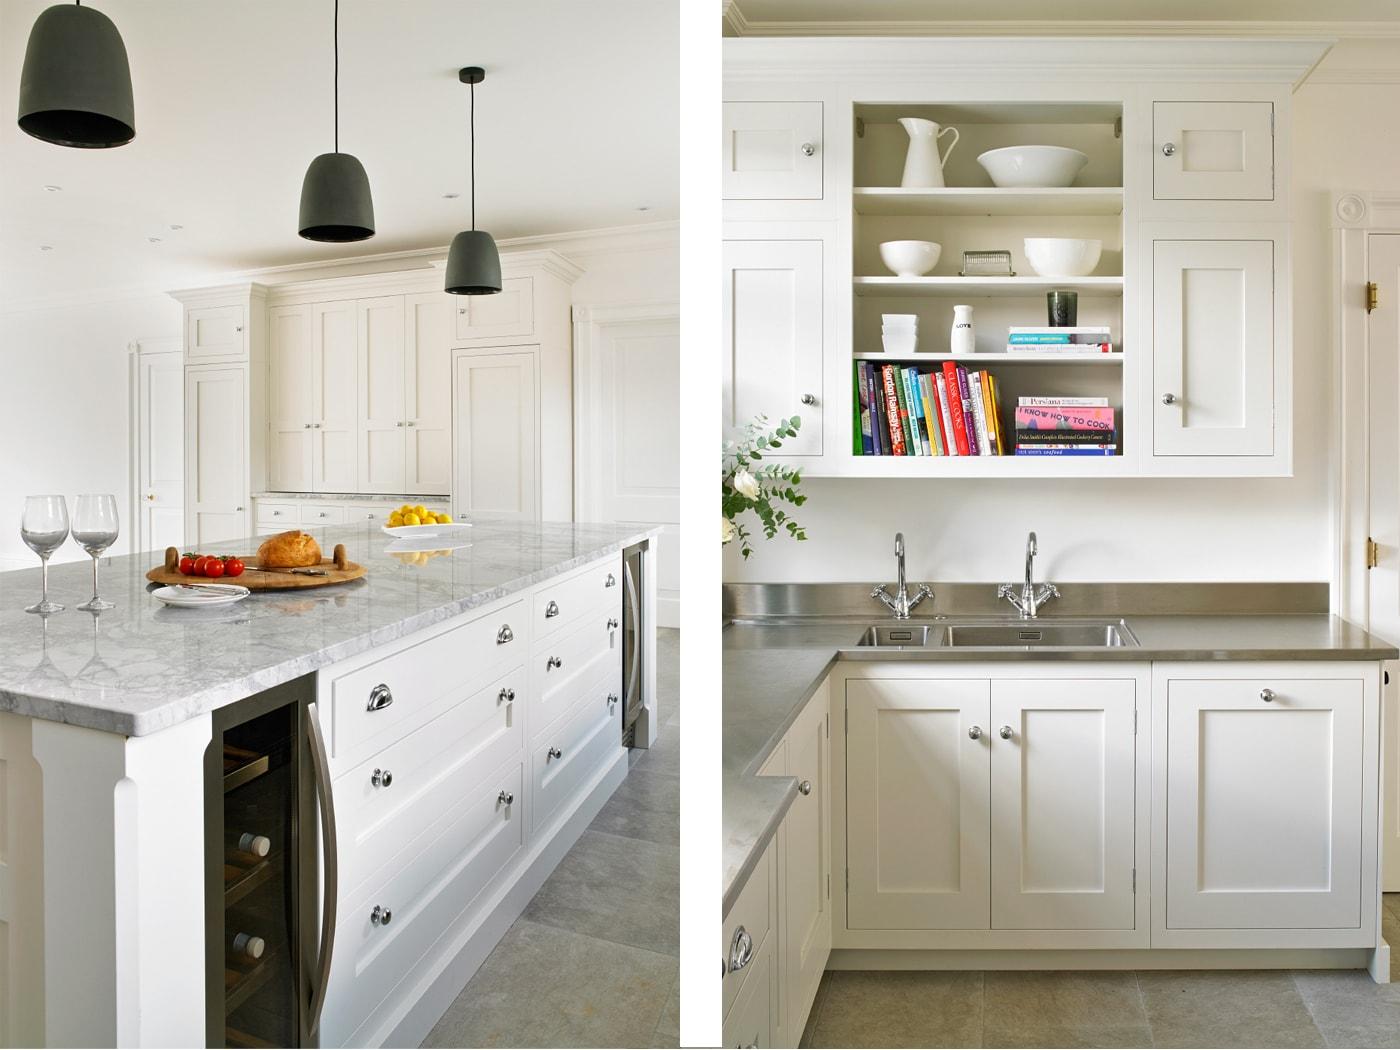 cocina blanca clasica brayerdesign 10 - Cocinas Clasicas Blancas